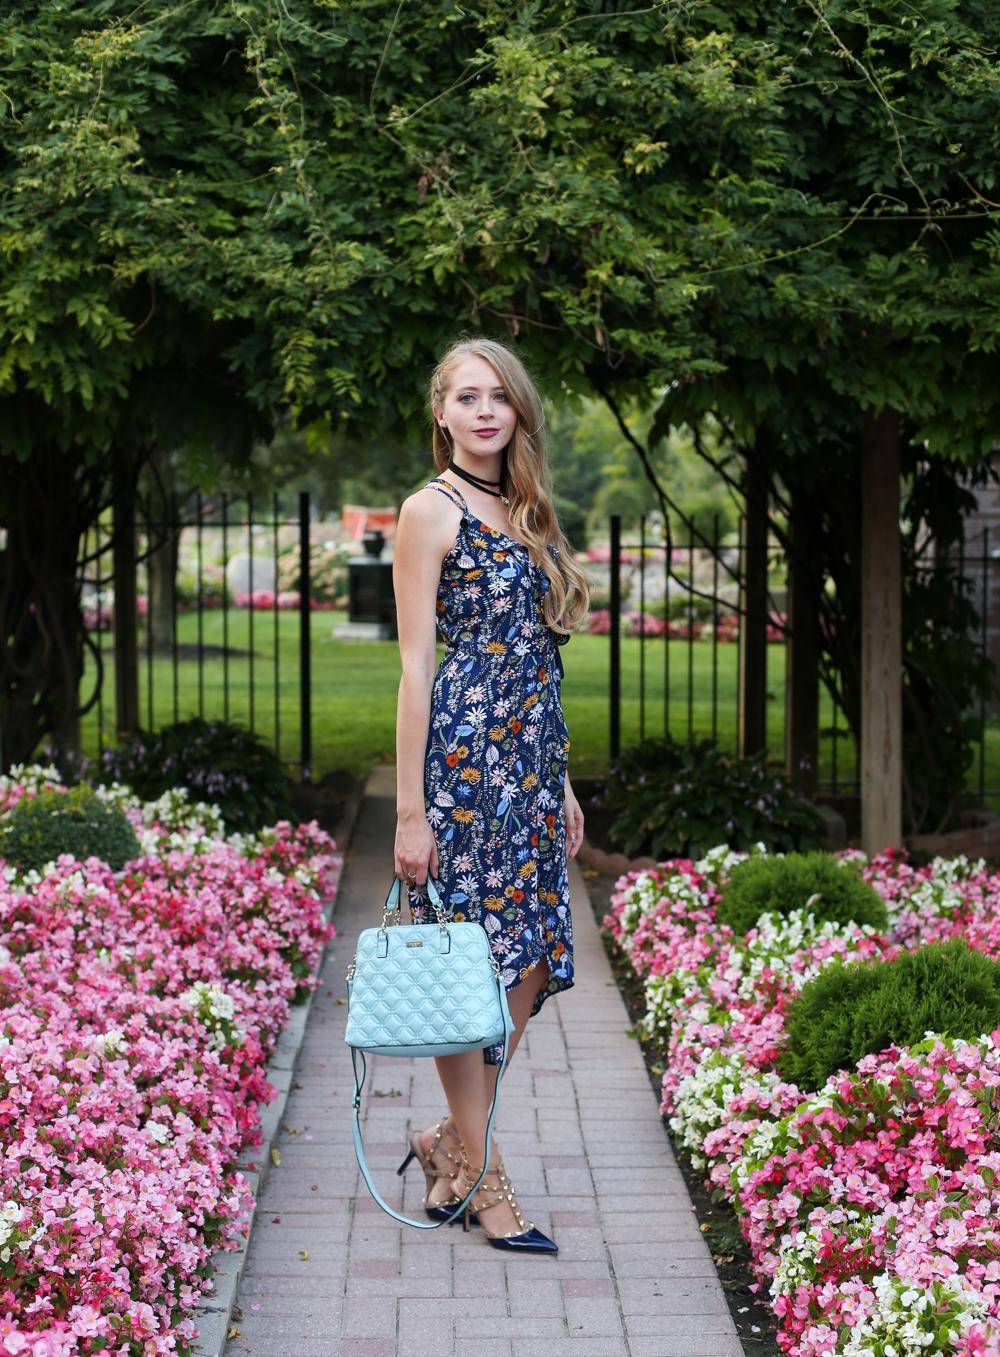 blue-floral-wrap-dress-2-of-8